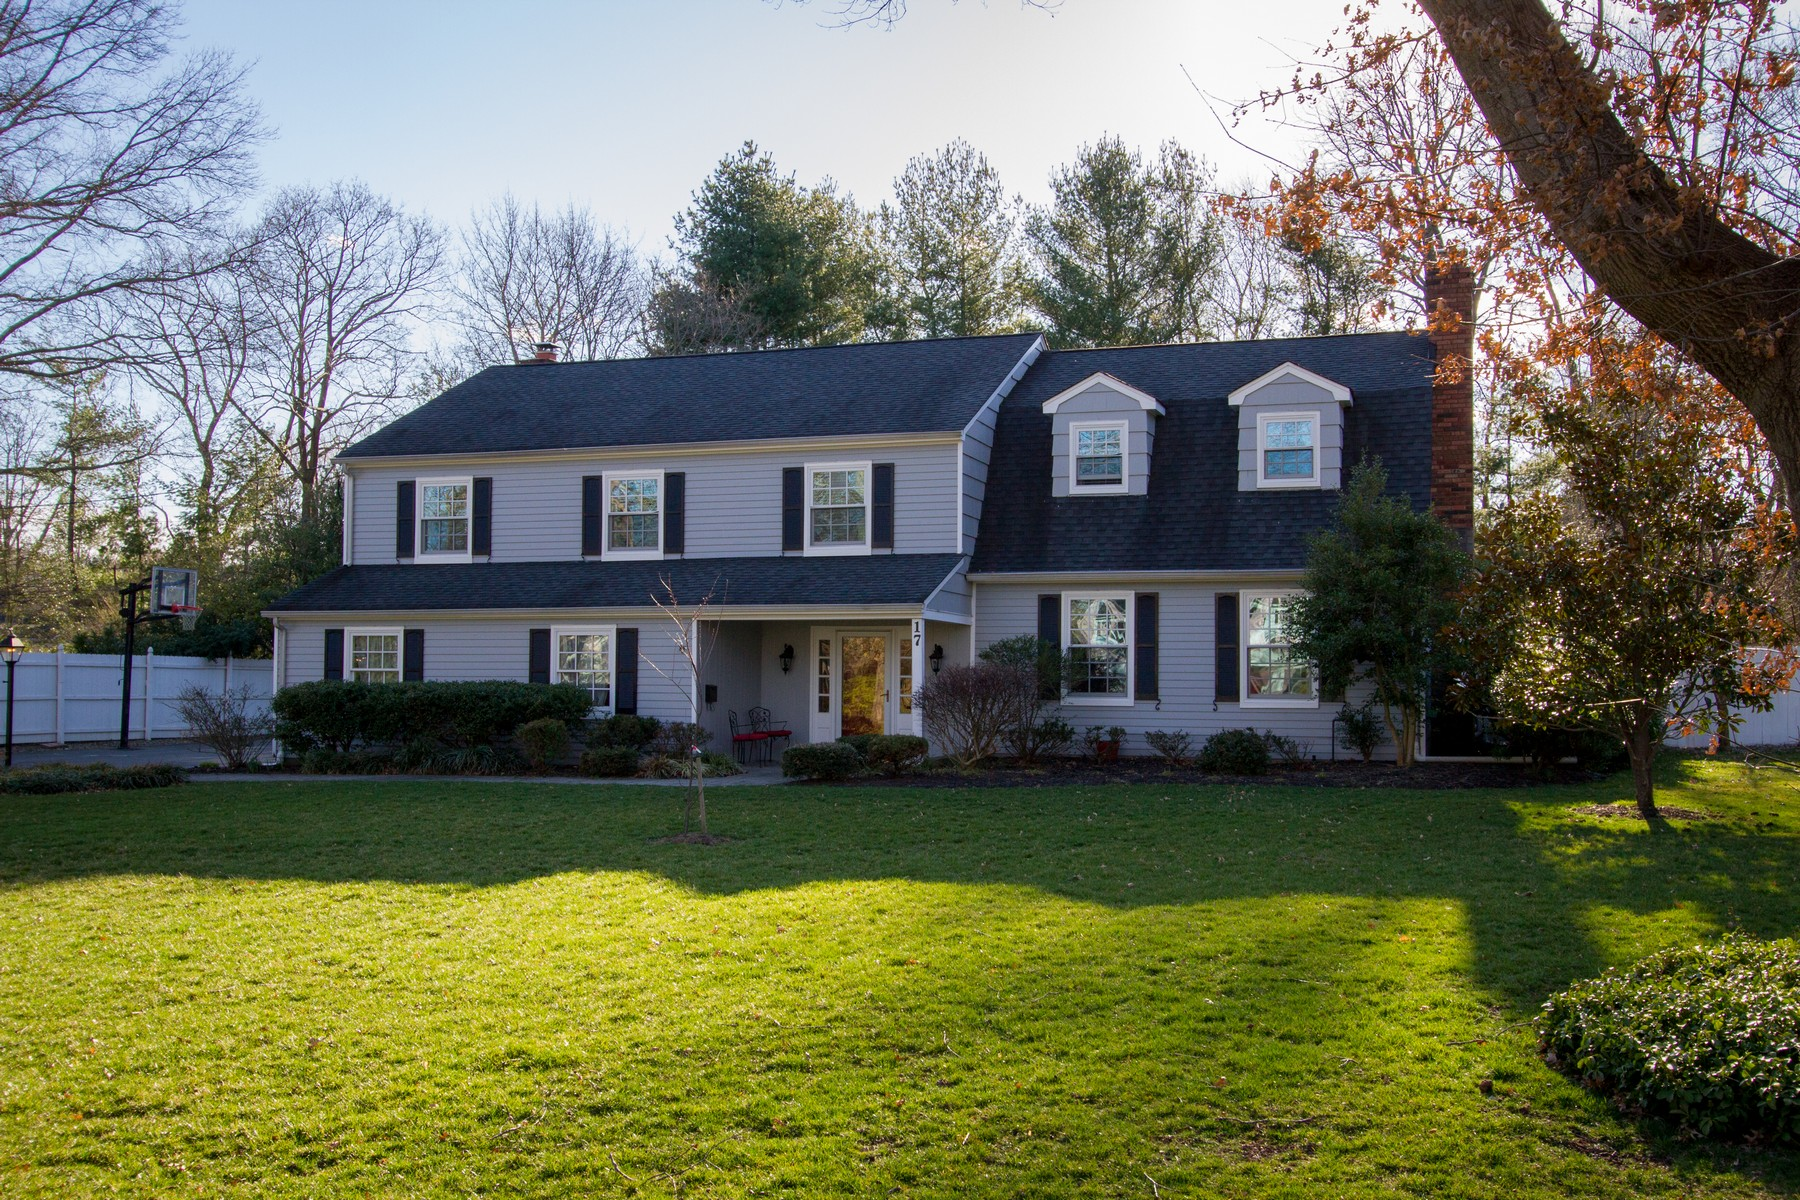 独户住宅 为 销售 在 Every home is a masterpiece 17 Holly Tree Lane 小银镇, 新泽西州 07739 美国